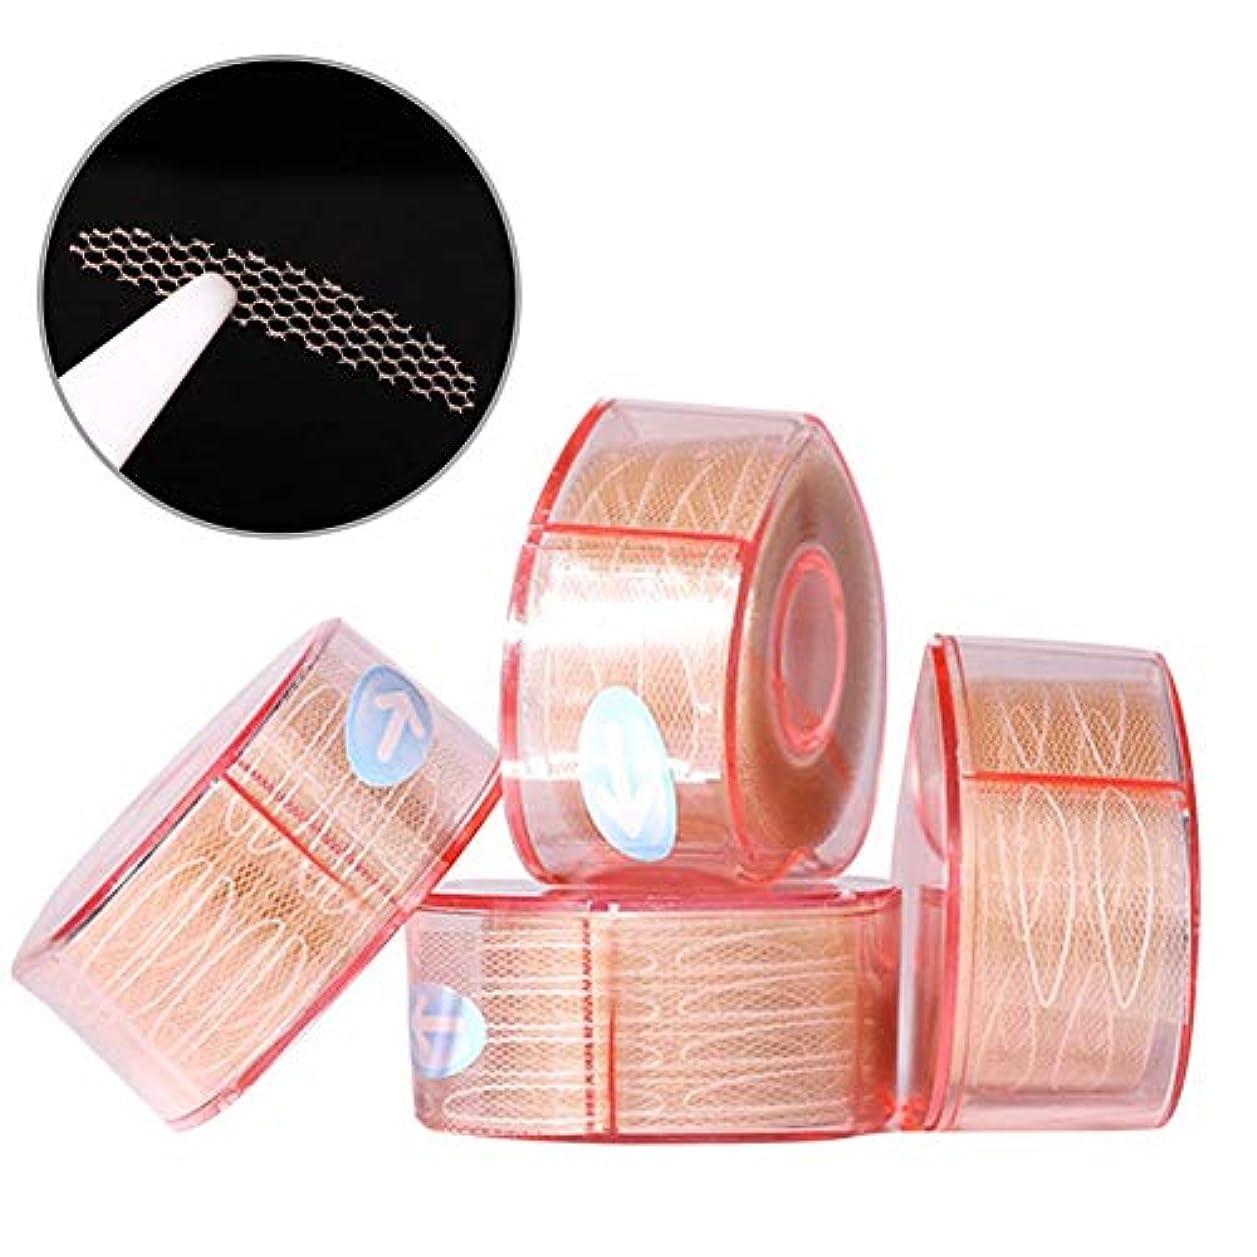 プランター適切な泣くナチュラルアイテープ 二重まぶたステッカー 二重まぶたテープ 300組セット メッシュ 見えない バレない 通気性 アイメイク 4タイプ選べる junexi